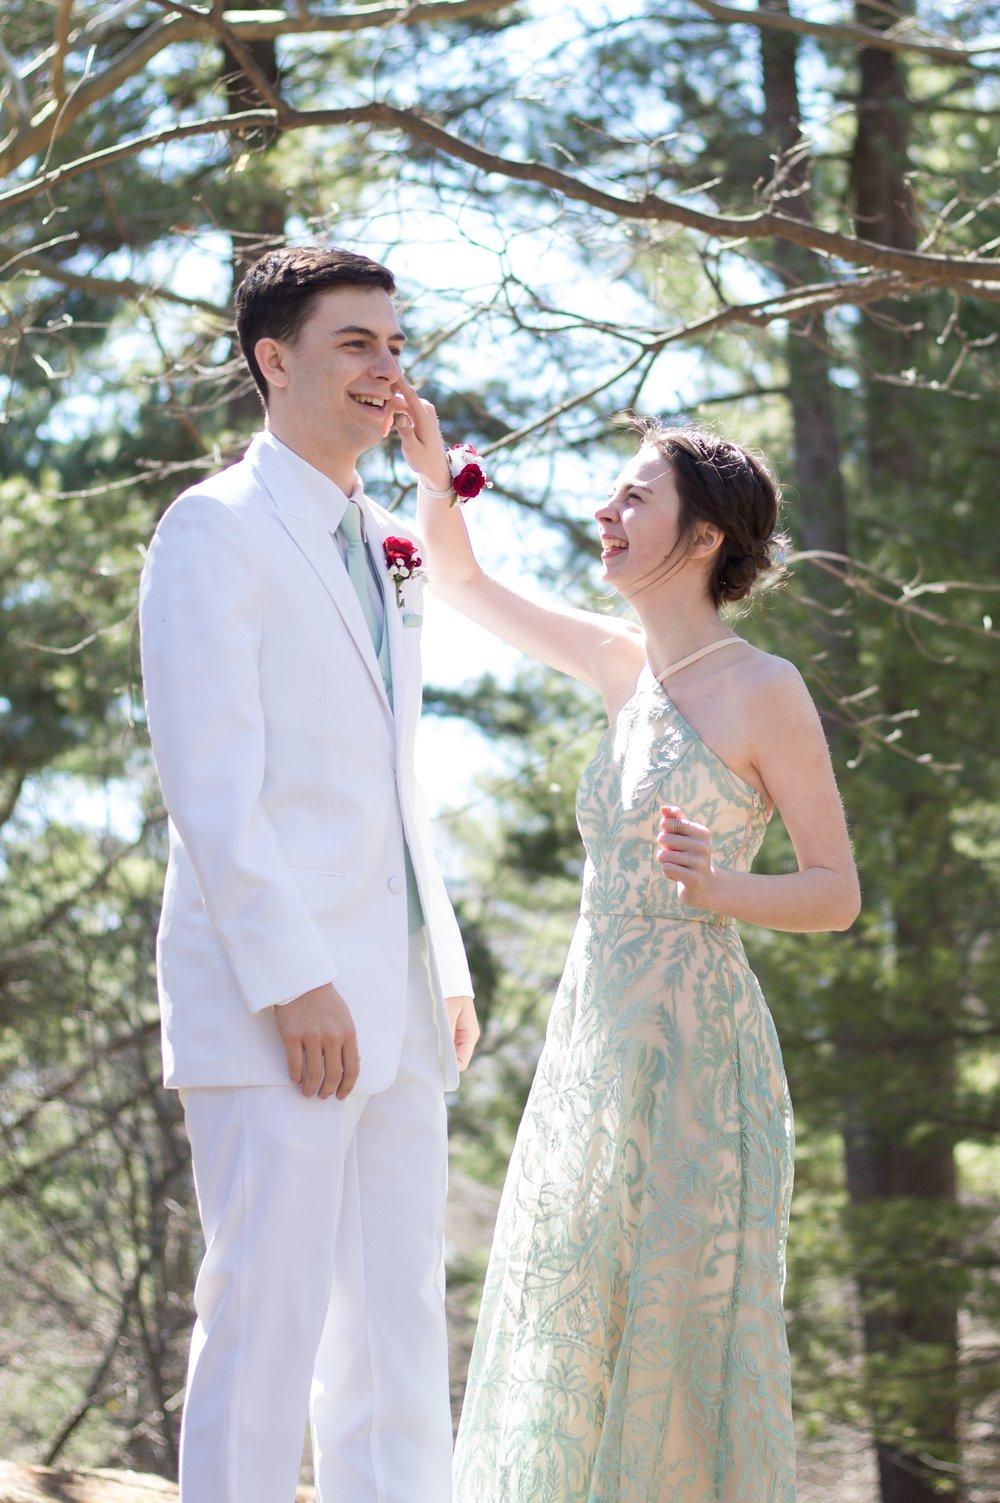 Prom Thomas and Em Thomas (9).jpg